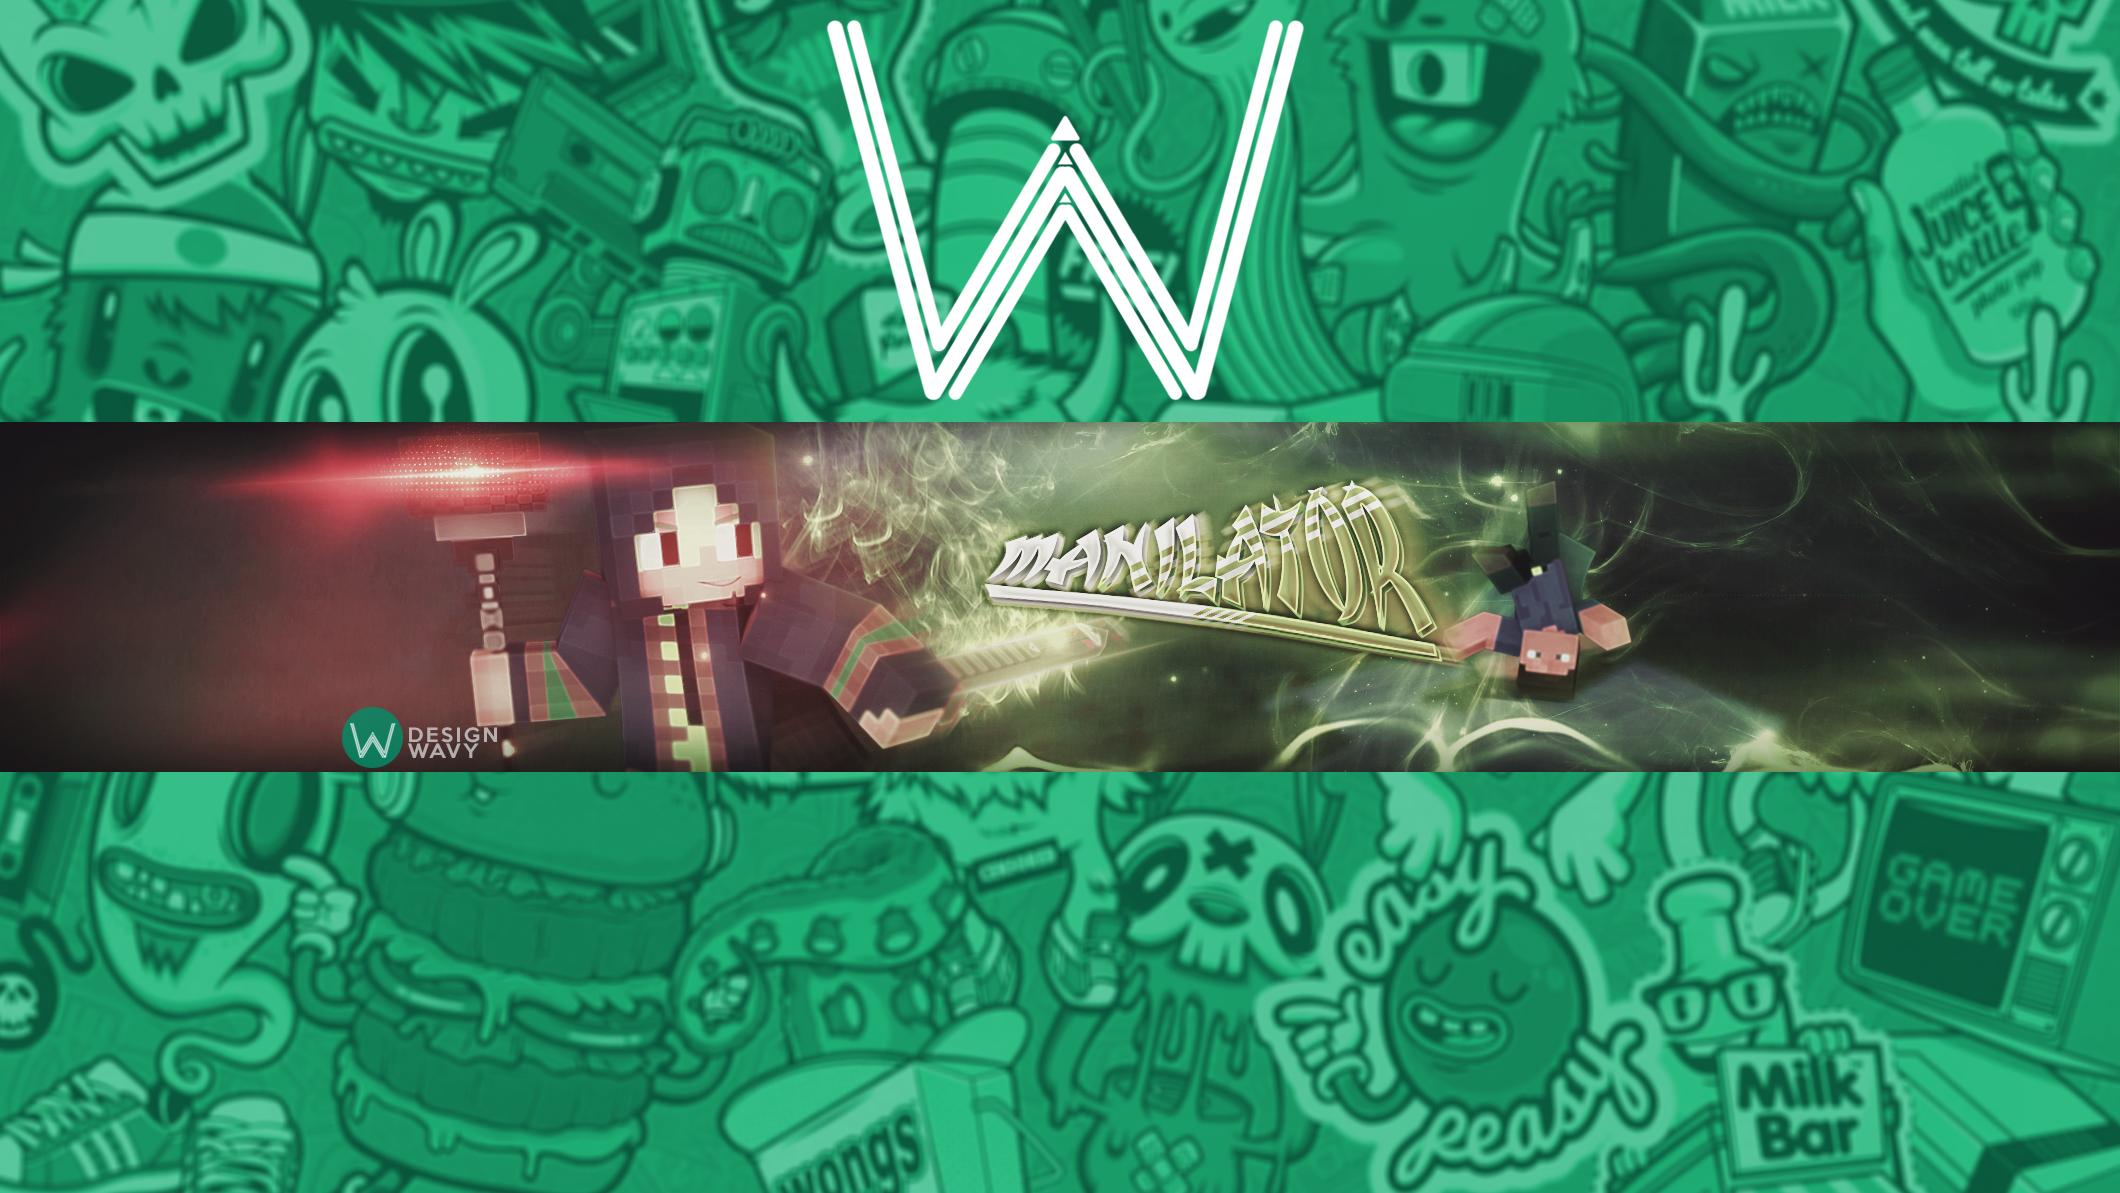 Wallpaper Minecraft Banner Youtube Graphic Design